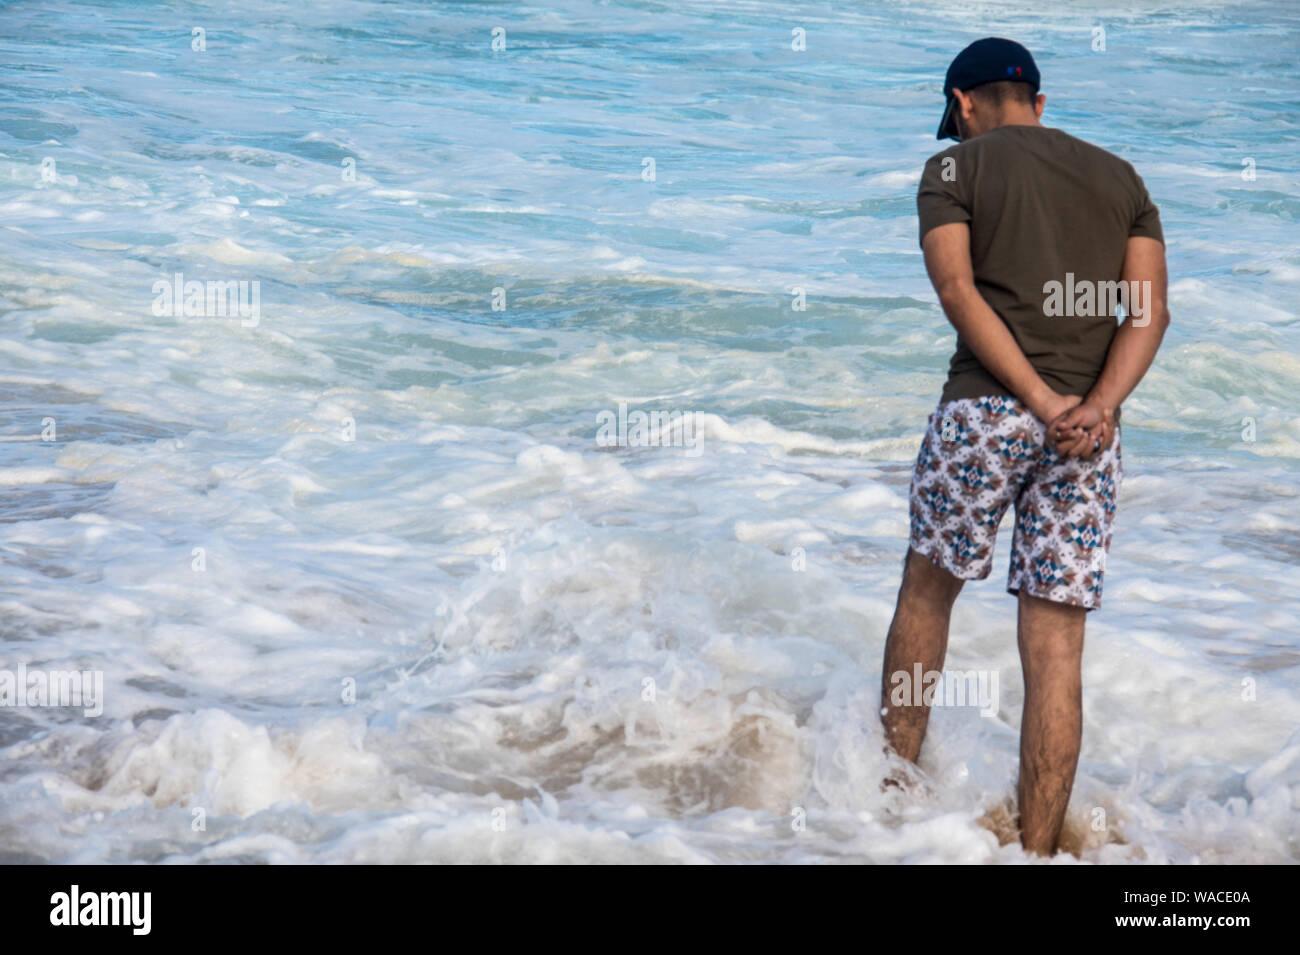 Un hombre en trajes de baño pensively casual de pie en el océano con las manos detrás de su espalda mientras mirando hacia abajo en una profunda reflexión. Las olas salpicando sobre él Foto de stock